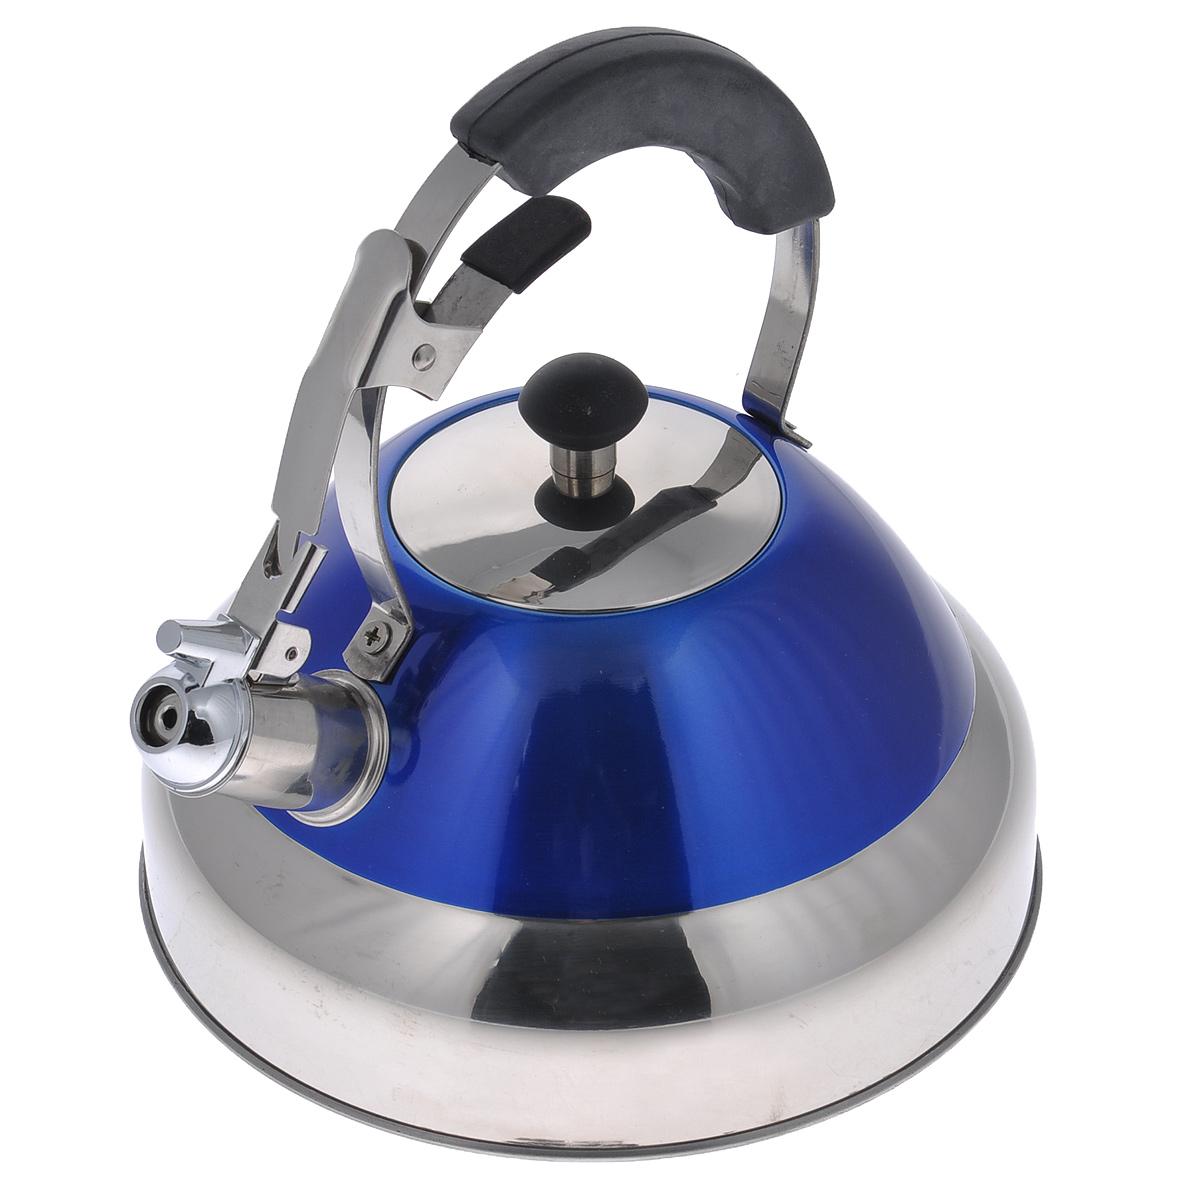 Чайник Bekker De Luxe со свистком, цвет: синий, 2,7 л. BK-S42394672Чайник Bekker De Luxe выполнен из высококачественной нержавеющей стали, что обеспечивает долговечность использования. Внешнее цветное эмалевое покрытие придает приятный внешний вид. Металлическая фиксированная ручка с силиконовым покрытием делает использование чайника очень удобным и безопасным. Чайник снабжен свистком и устройством для открывания носика. Изделие оснащено капсулированным дном для лучшего распространения тепла.Можно мыть в посудомоечной машине. Пригоден для всех видов плит кроме индукционных. Высота чайника (без учета крышки и ручки): 11 см.Высота чайника (с учетом ручки): 24 см. Диаметр основания: 22,5 см.